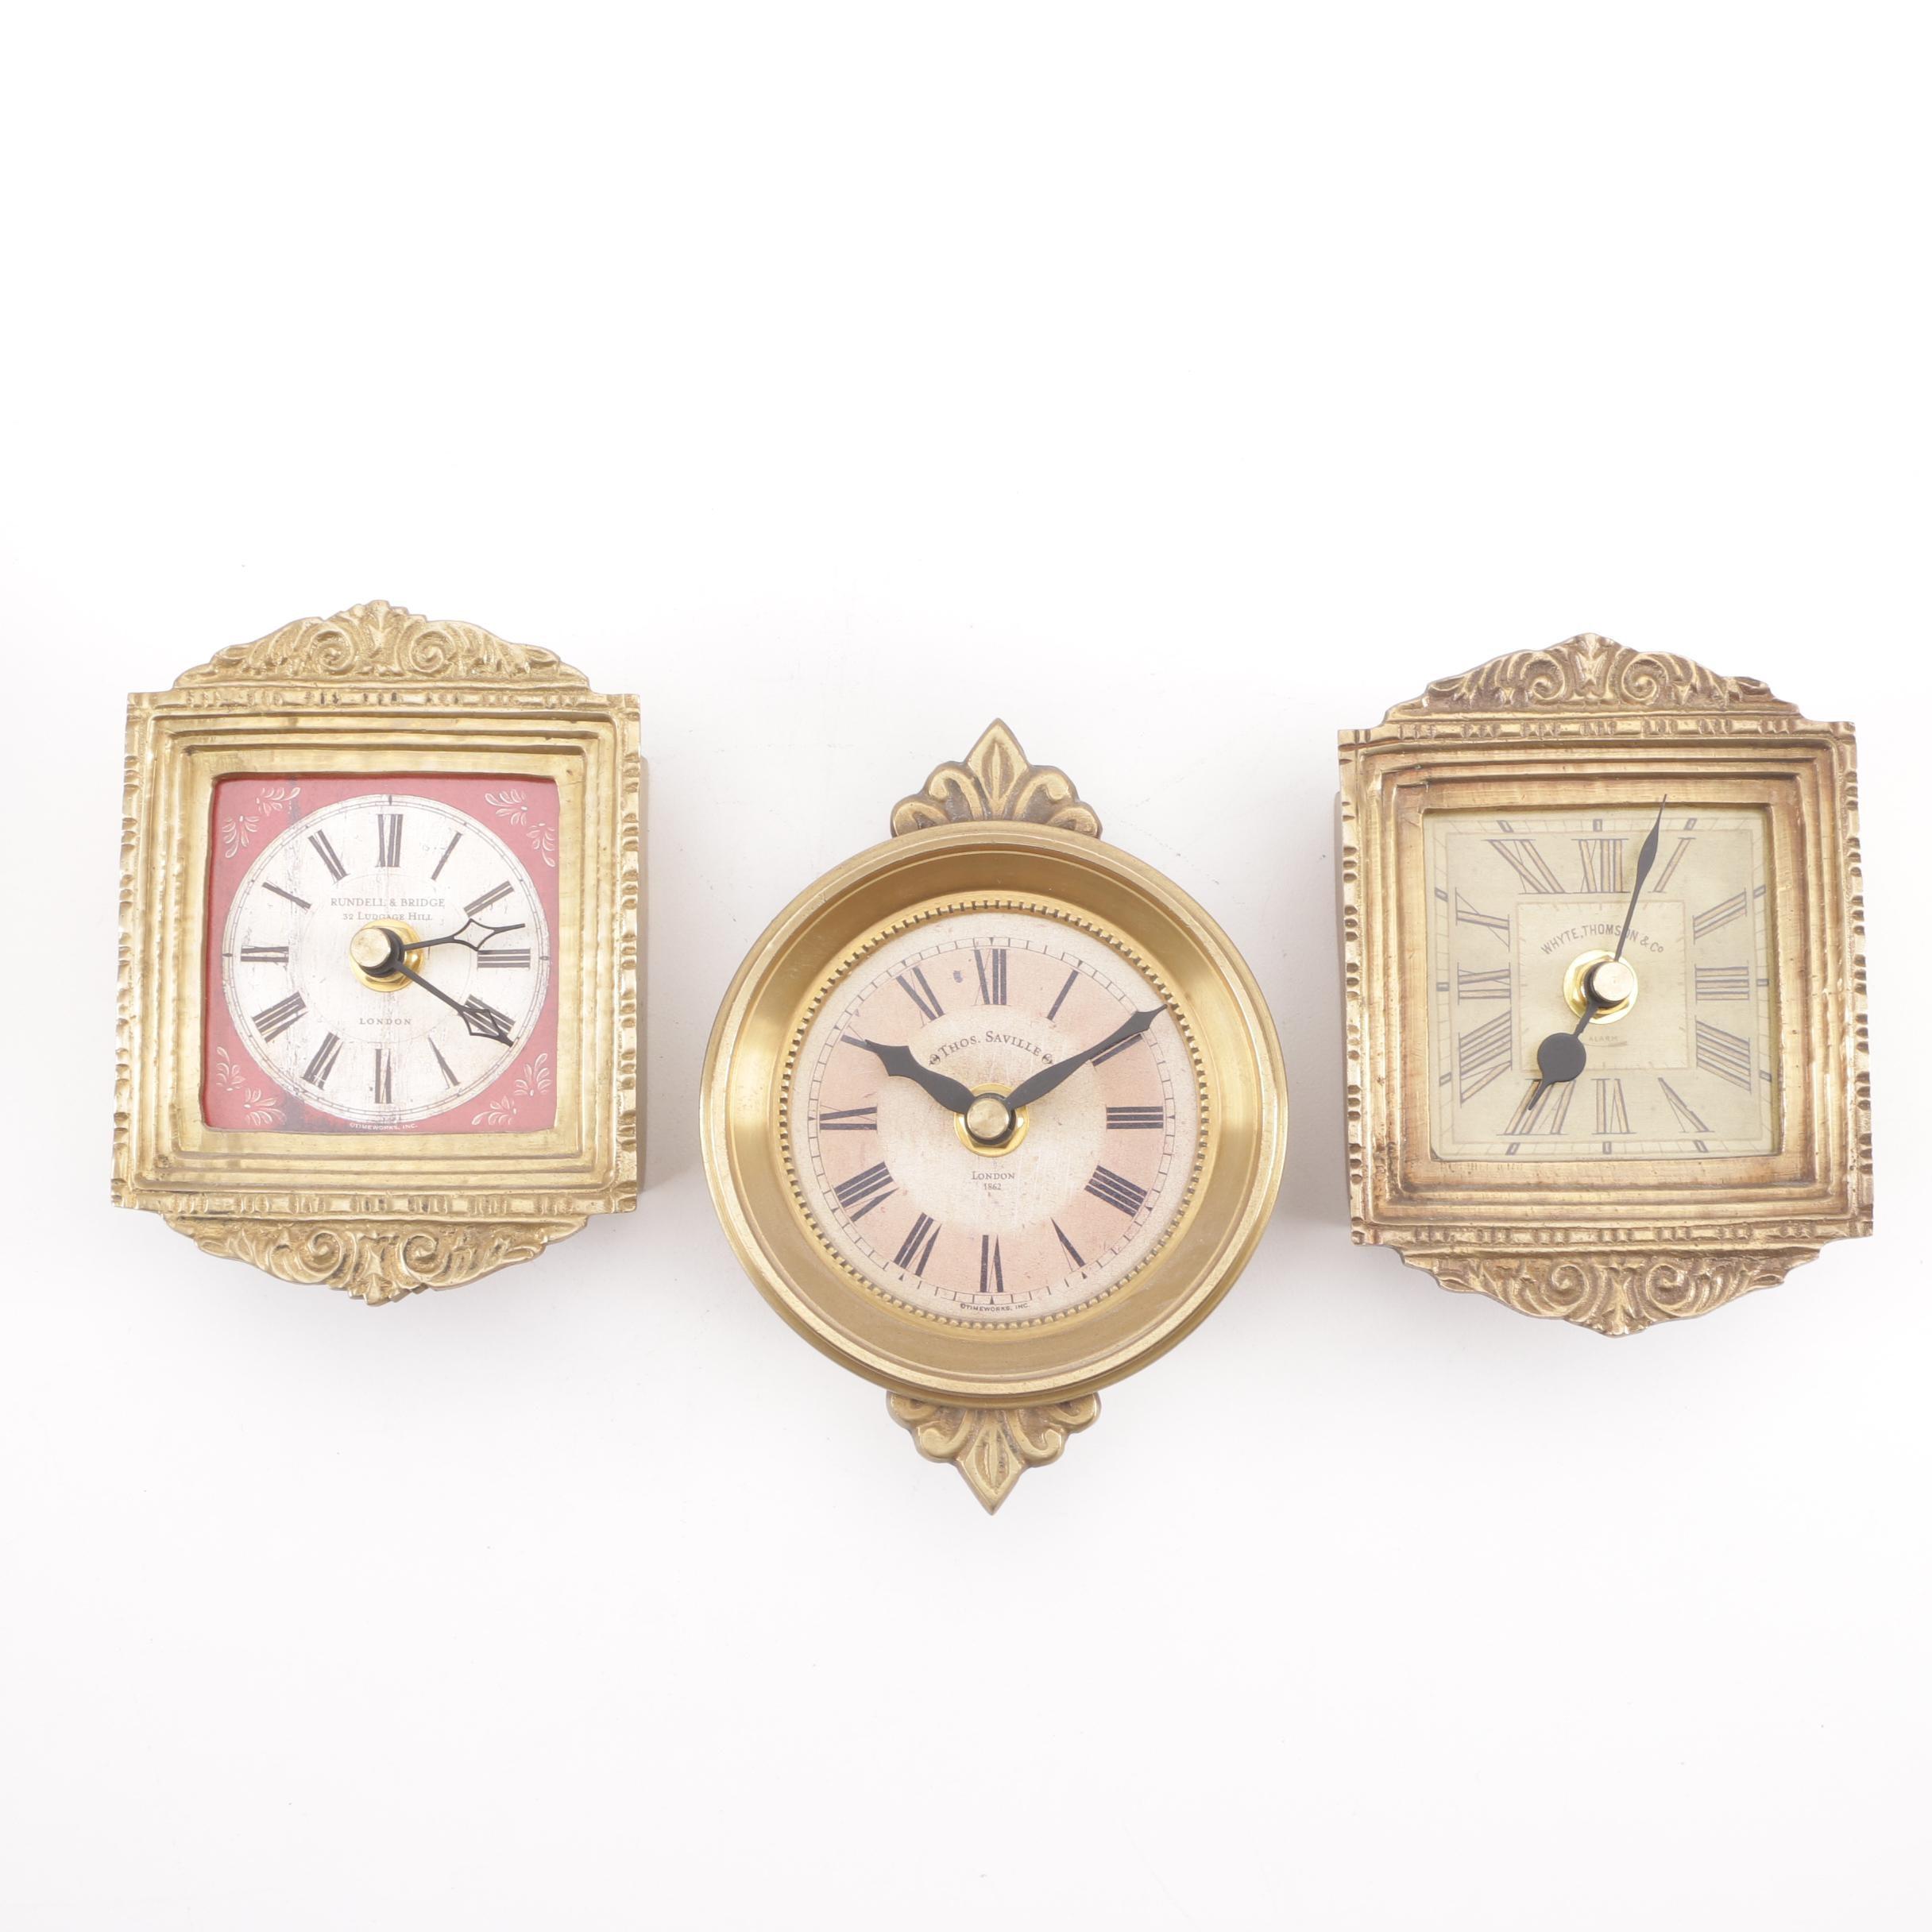 Timeworks, Inc. Wall Clocks